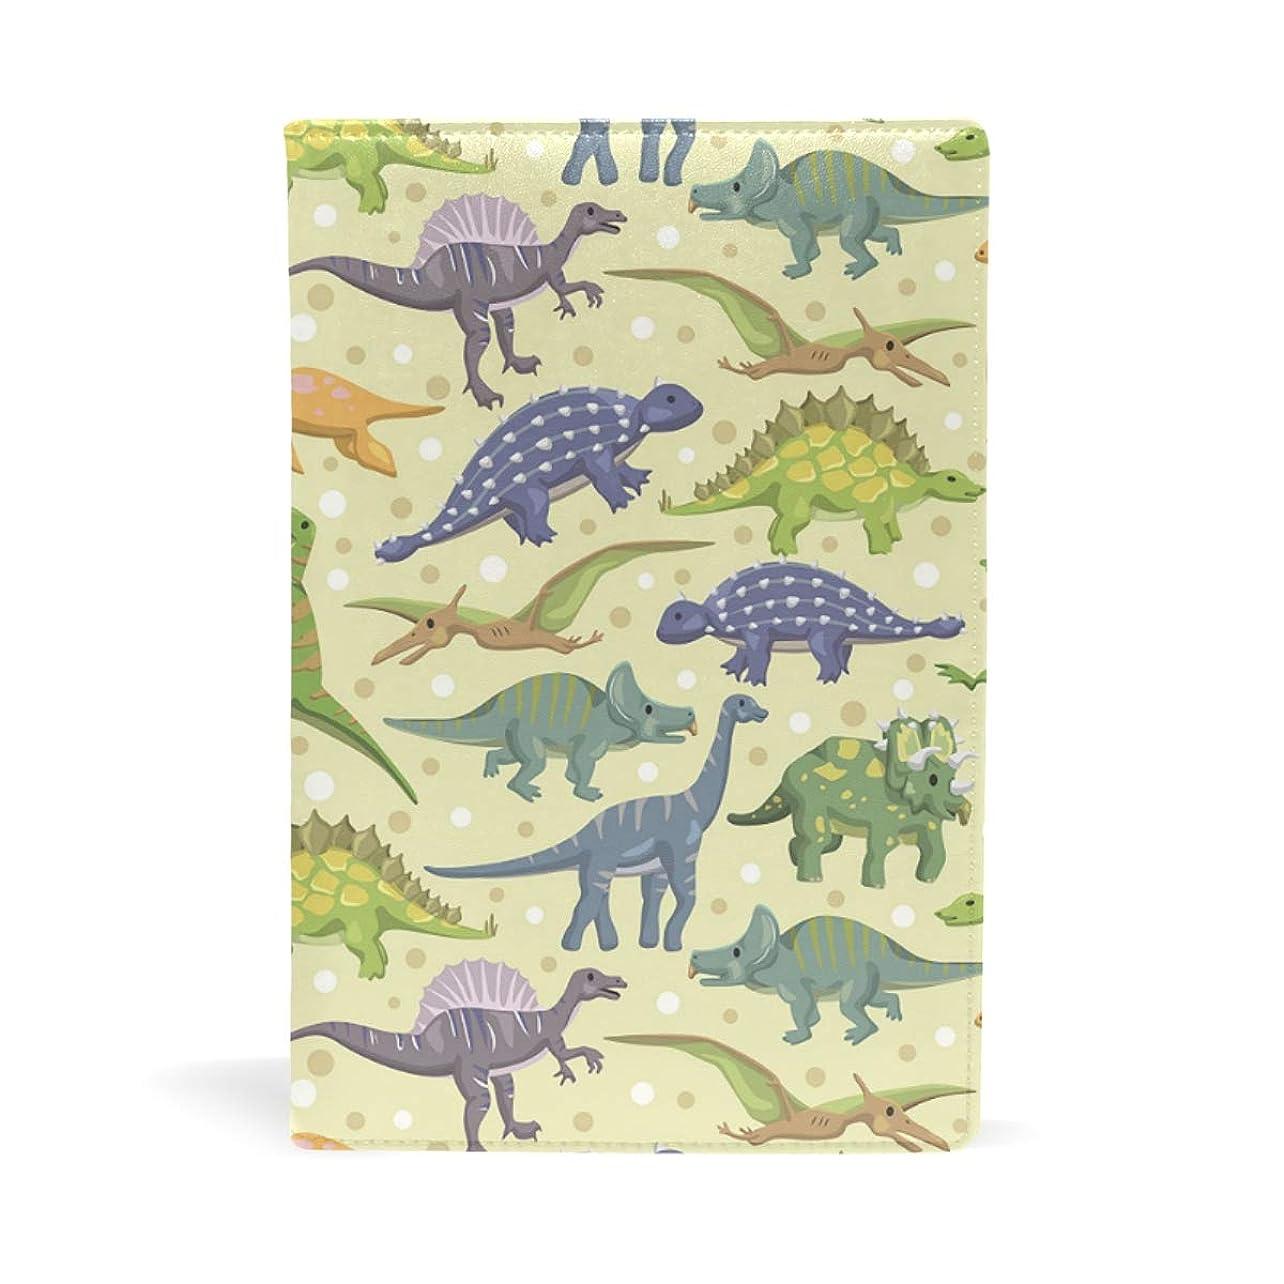 汚染された頭示す恐竜 アニマル かわいい 動物柄 ブックカバー 文庫 a5 皮革 おしゃれ 文庫本カバー 資料 収納入れ オフィス用品 読書 雑貨 プレゼント耐久性に優れ